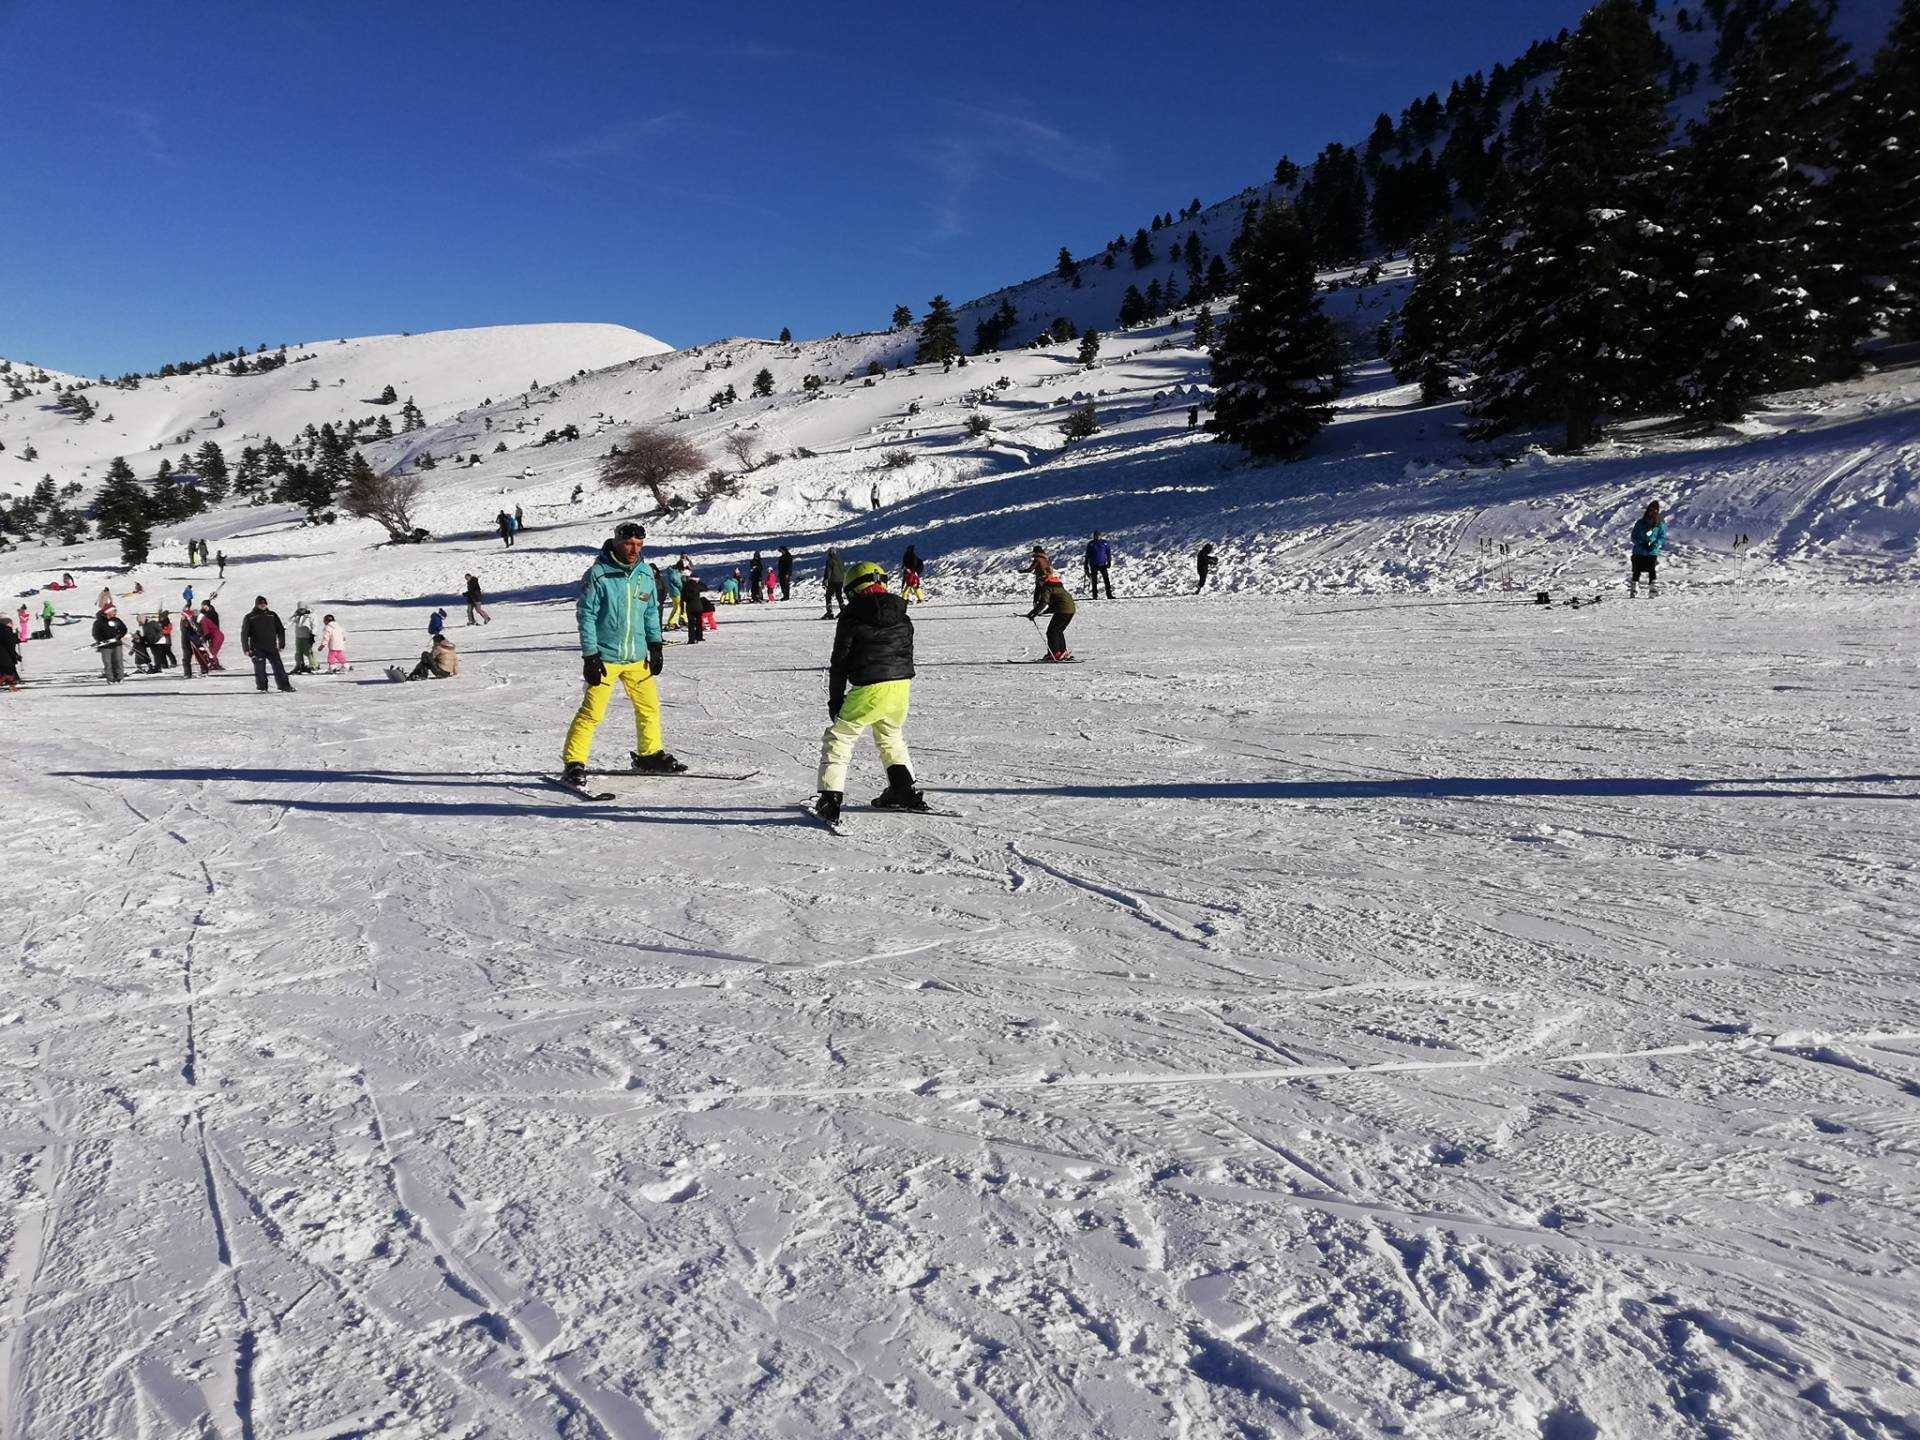 Mάθημα Ski/Snowboard στα Καλάβρυτα